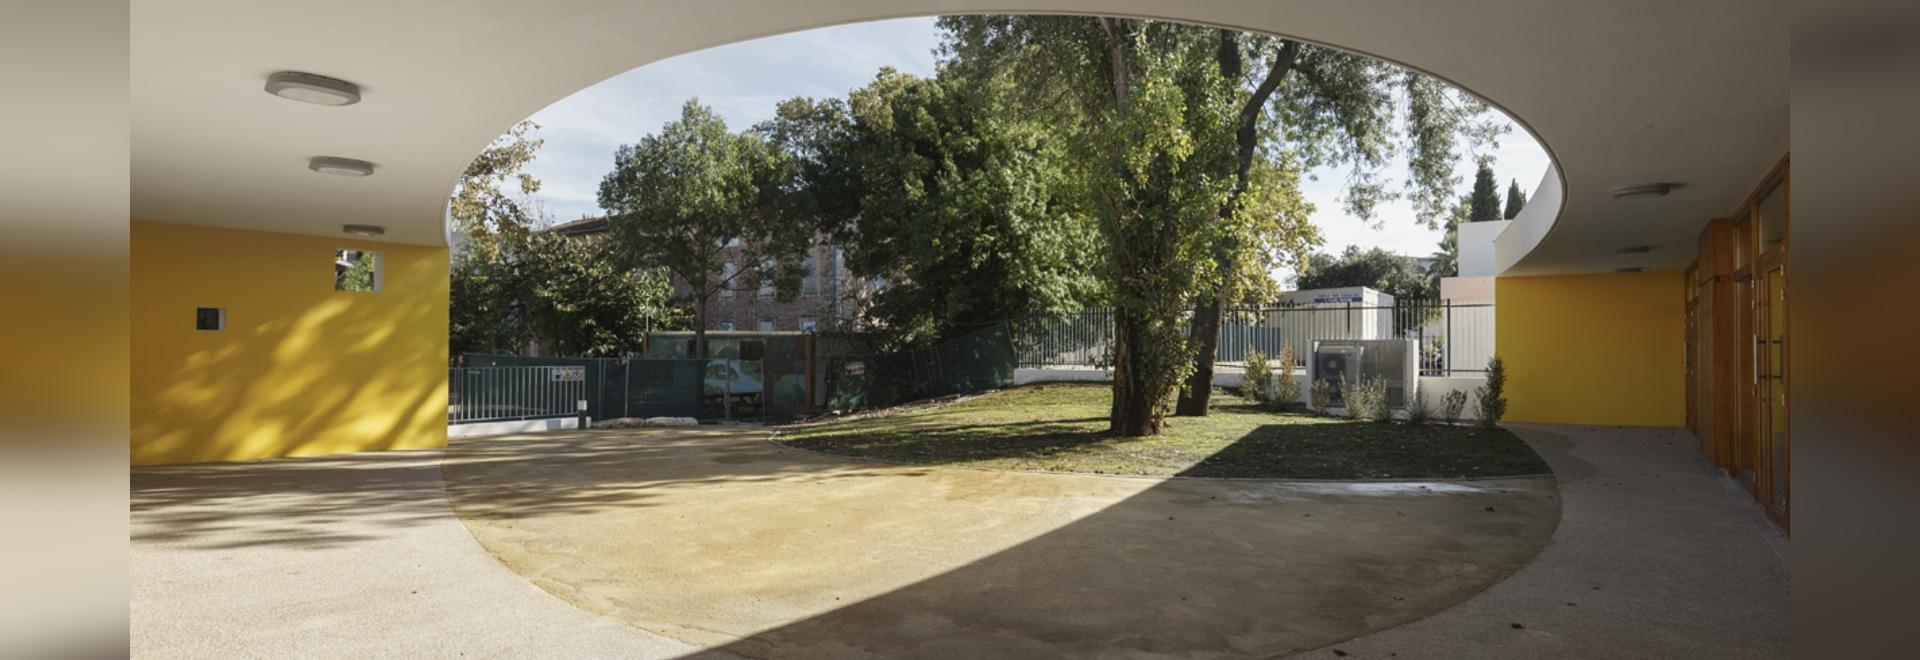 Heams y Miguel Architectes crea a un club extraescolar alrededor de un patio en Cannes